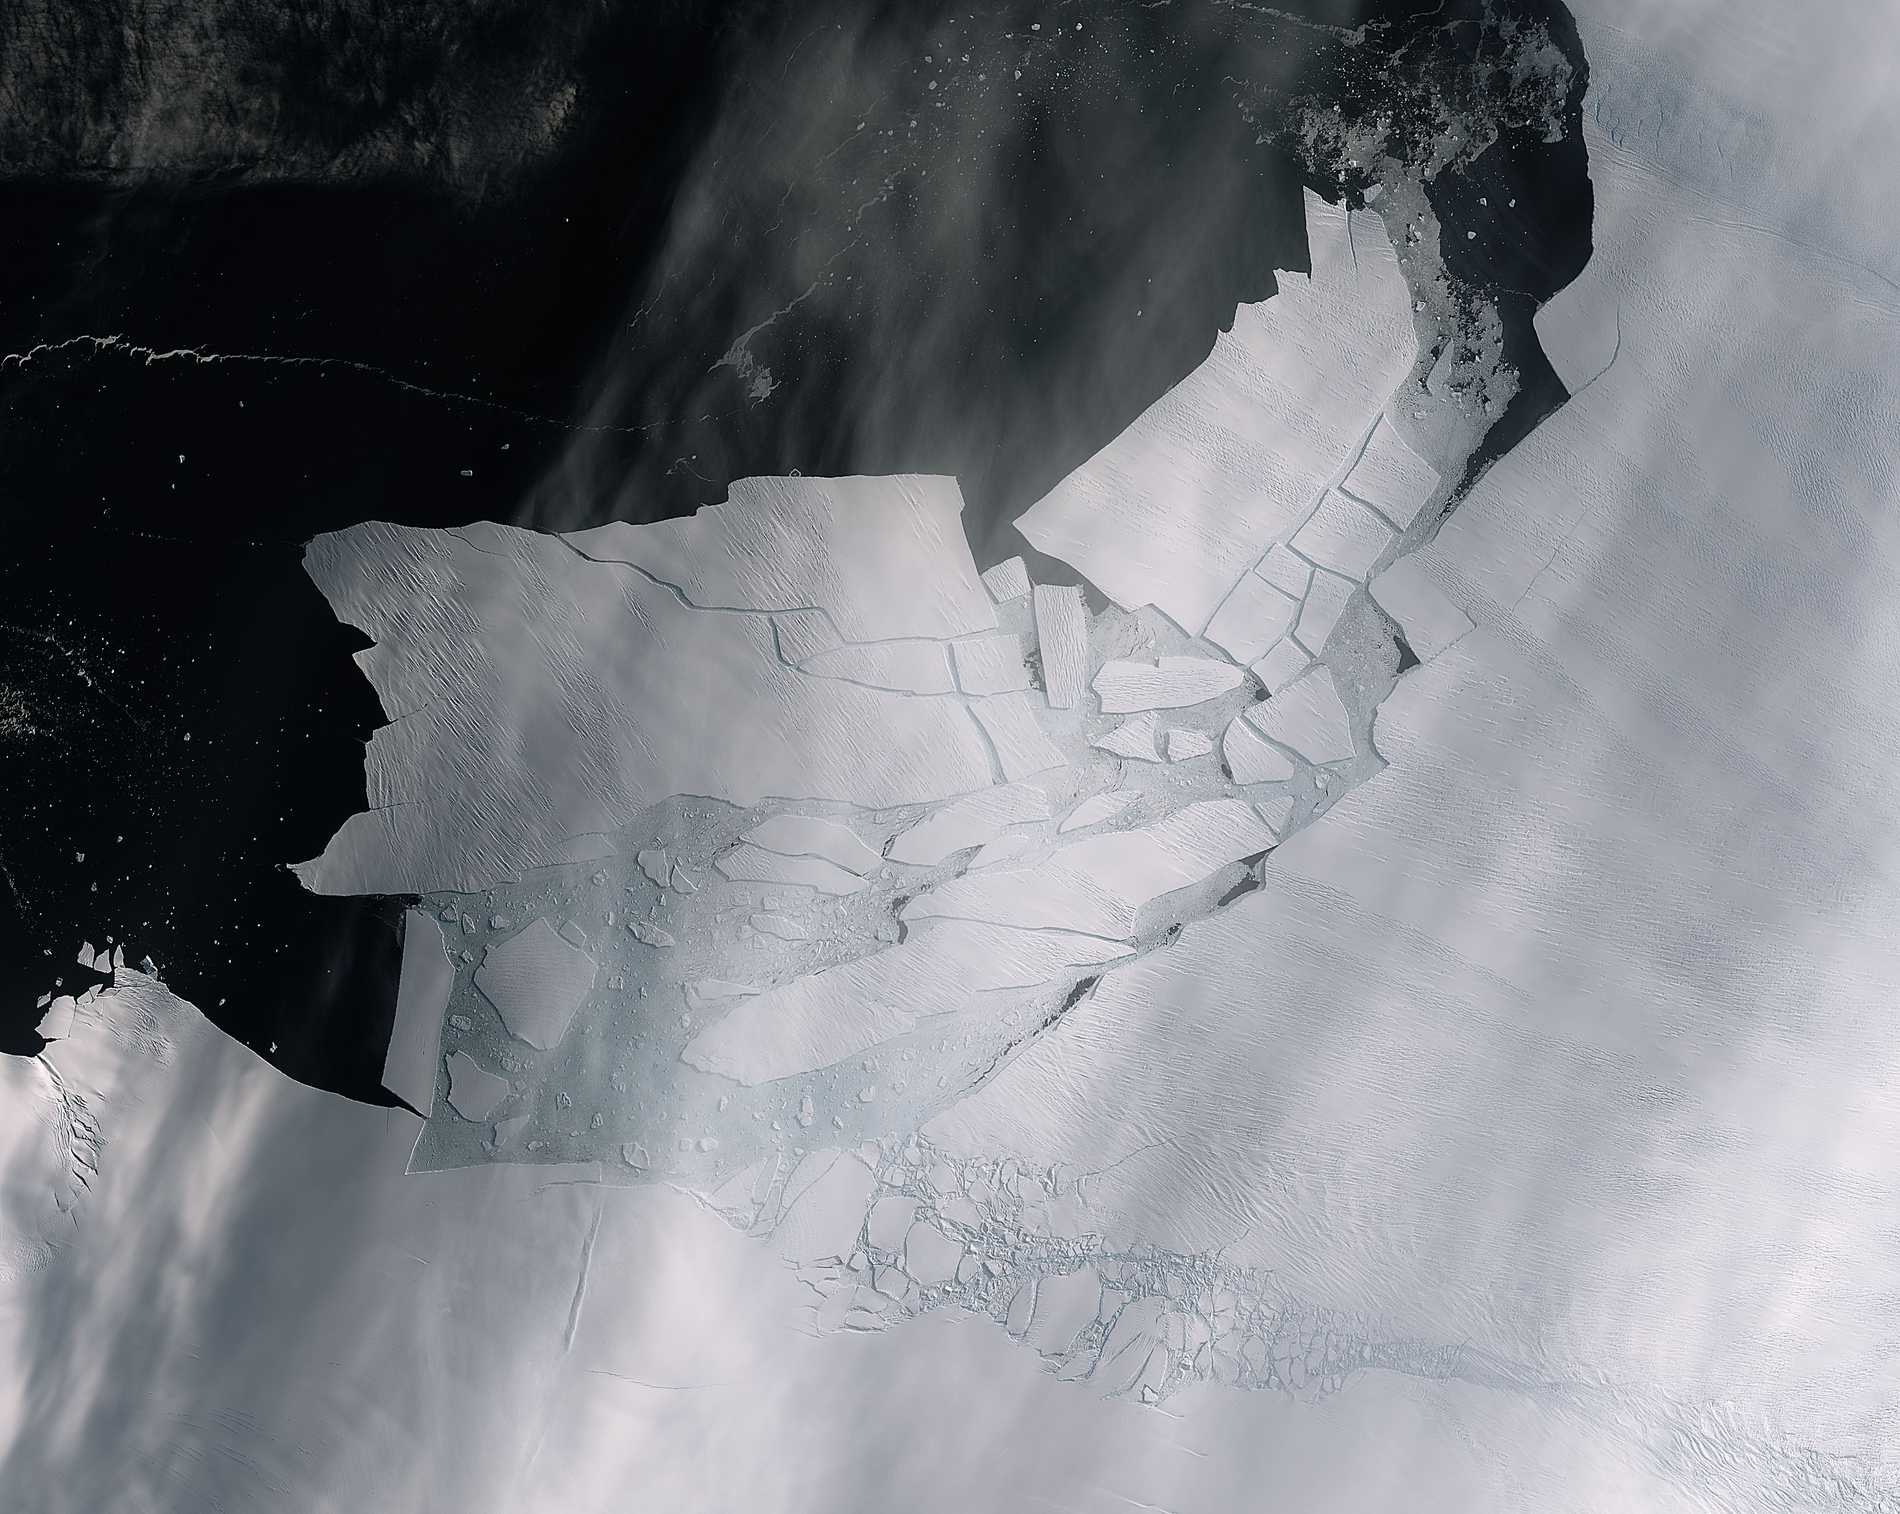 I slutet av förra veckan fångade den Europeiska rymdorganisationen ESA:s satellit ett gigantiskt isberg som brutits loss från glaciären Pine Island på västra Antarktis.